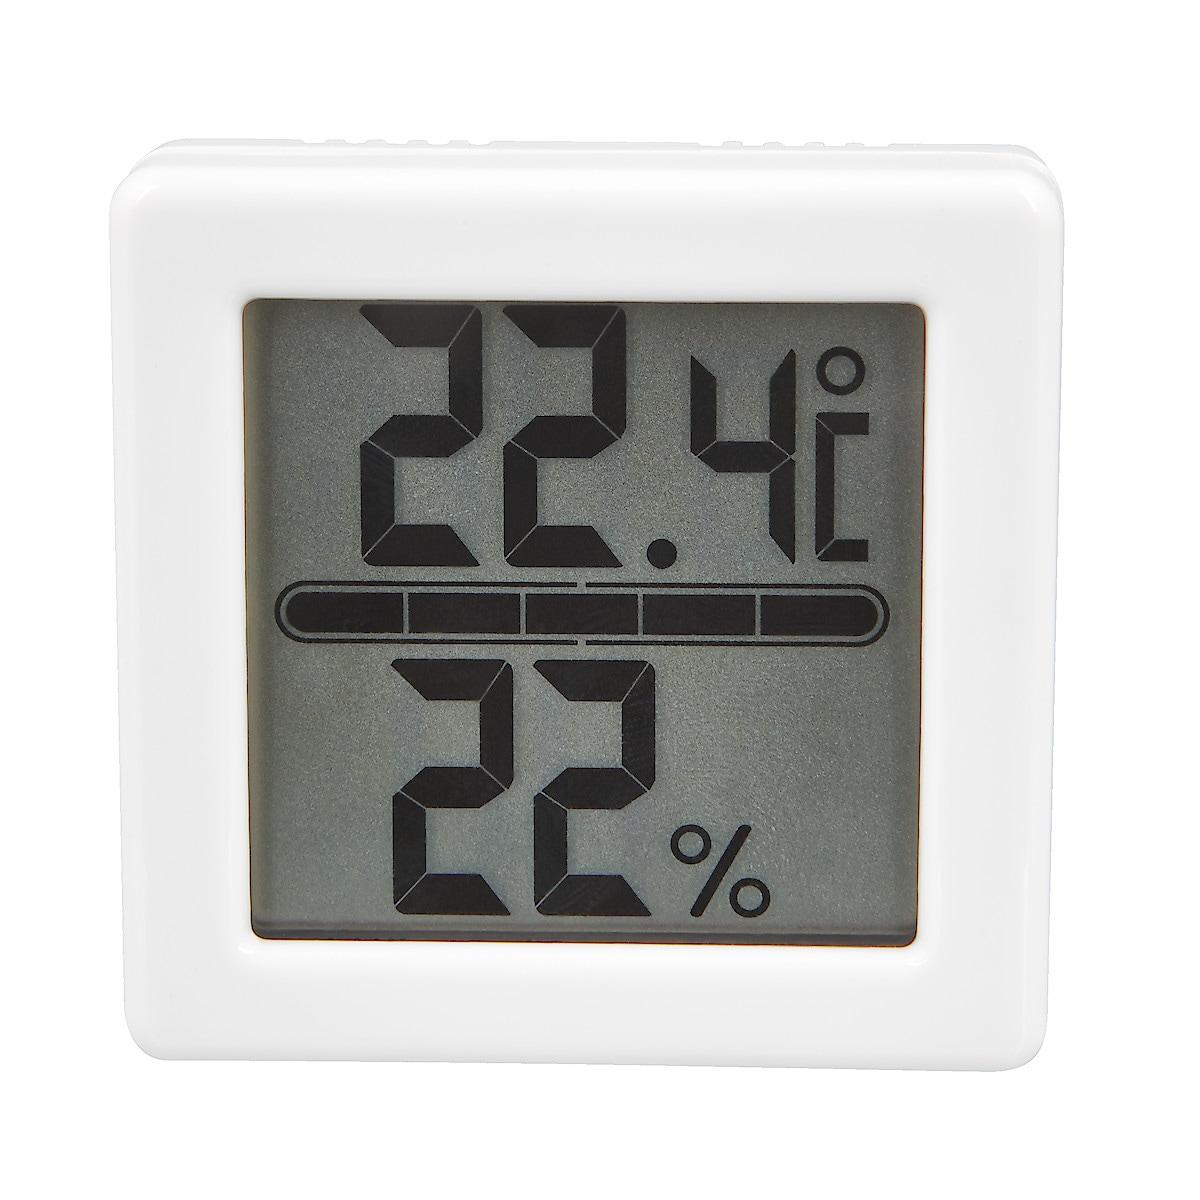 Innendørstermometer/hygrometer